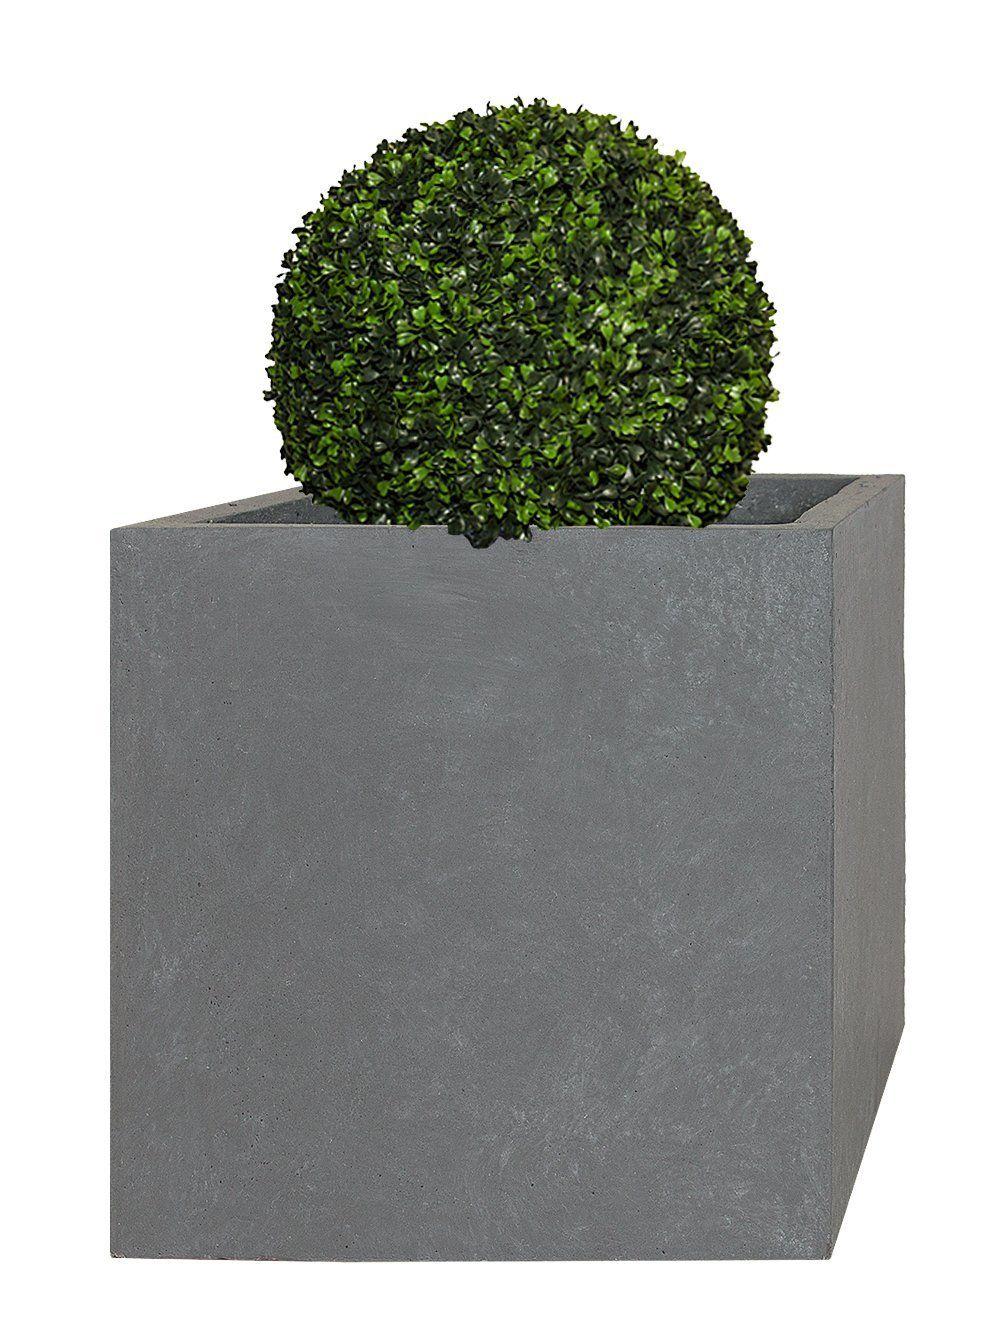 Pflanzwerk Pflanzkubel Cube Grau 38x44x44cm Frostbestandig Uv Schutz Qualitatsware Pflanzkubel Pflanzen Pflanzwerk